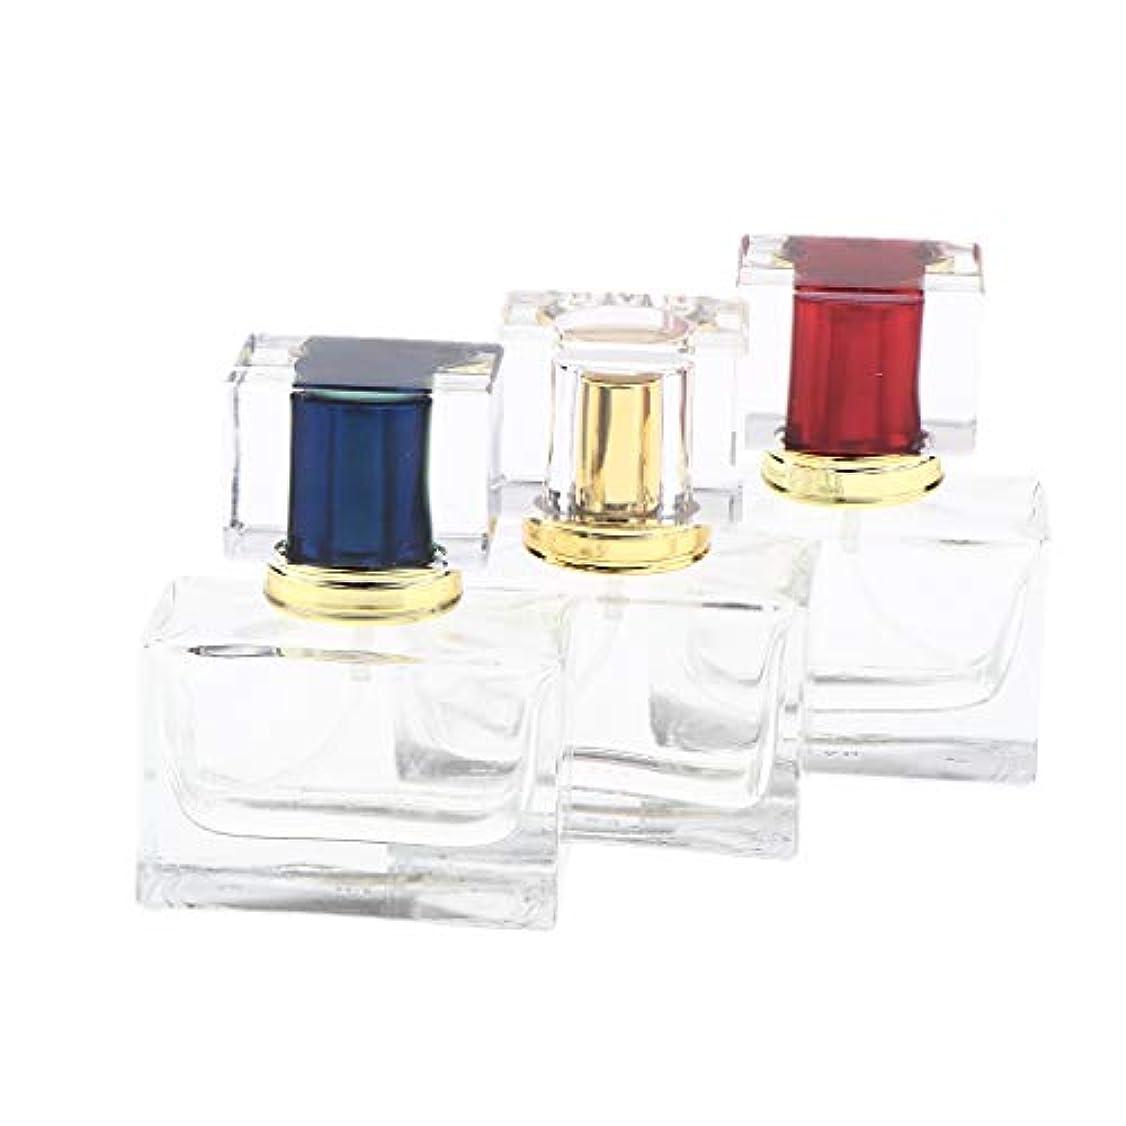 政府産地アナリスト香水アトマイザー スプレーボトル 詰め替え容器 香水瓶 小型 旅行 持ち運び ロック可能 30ML